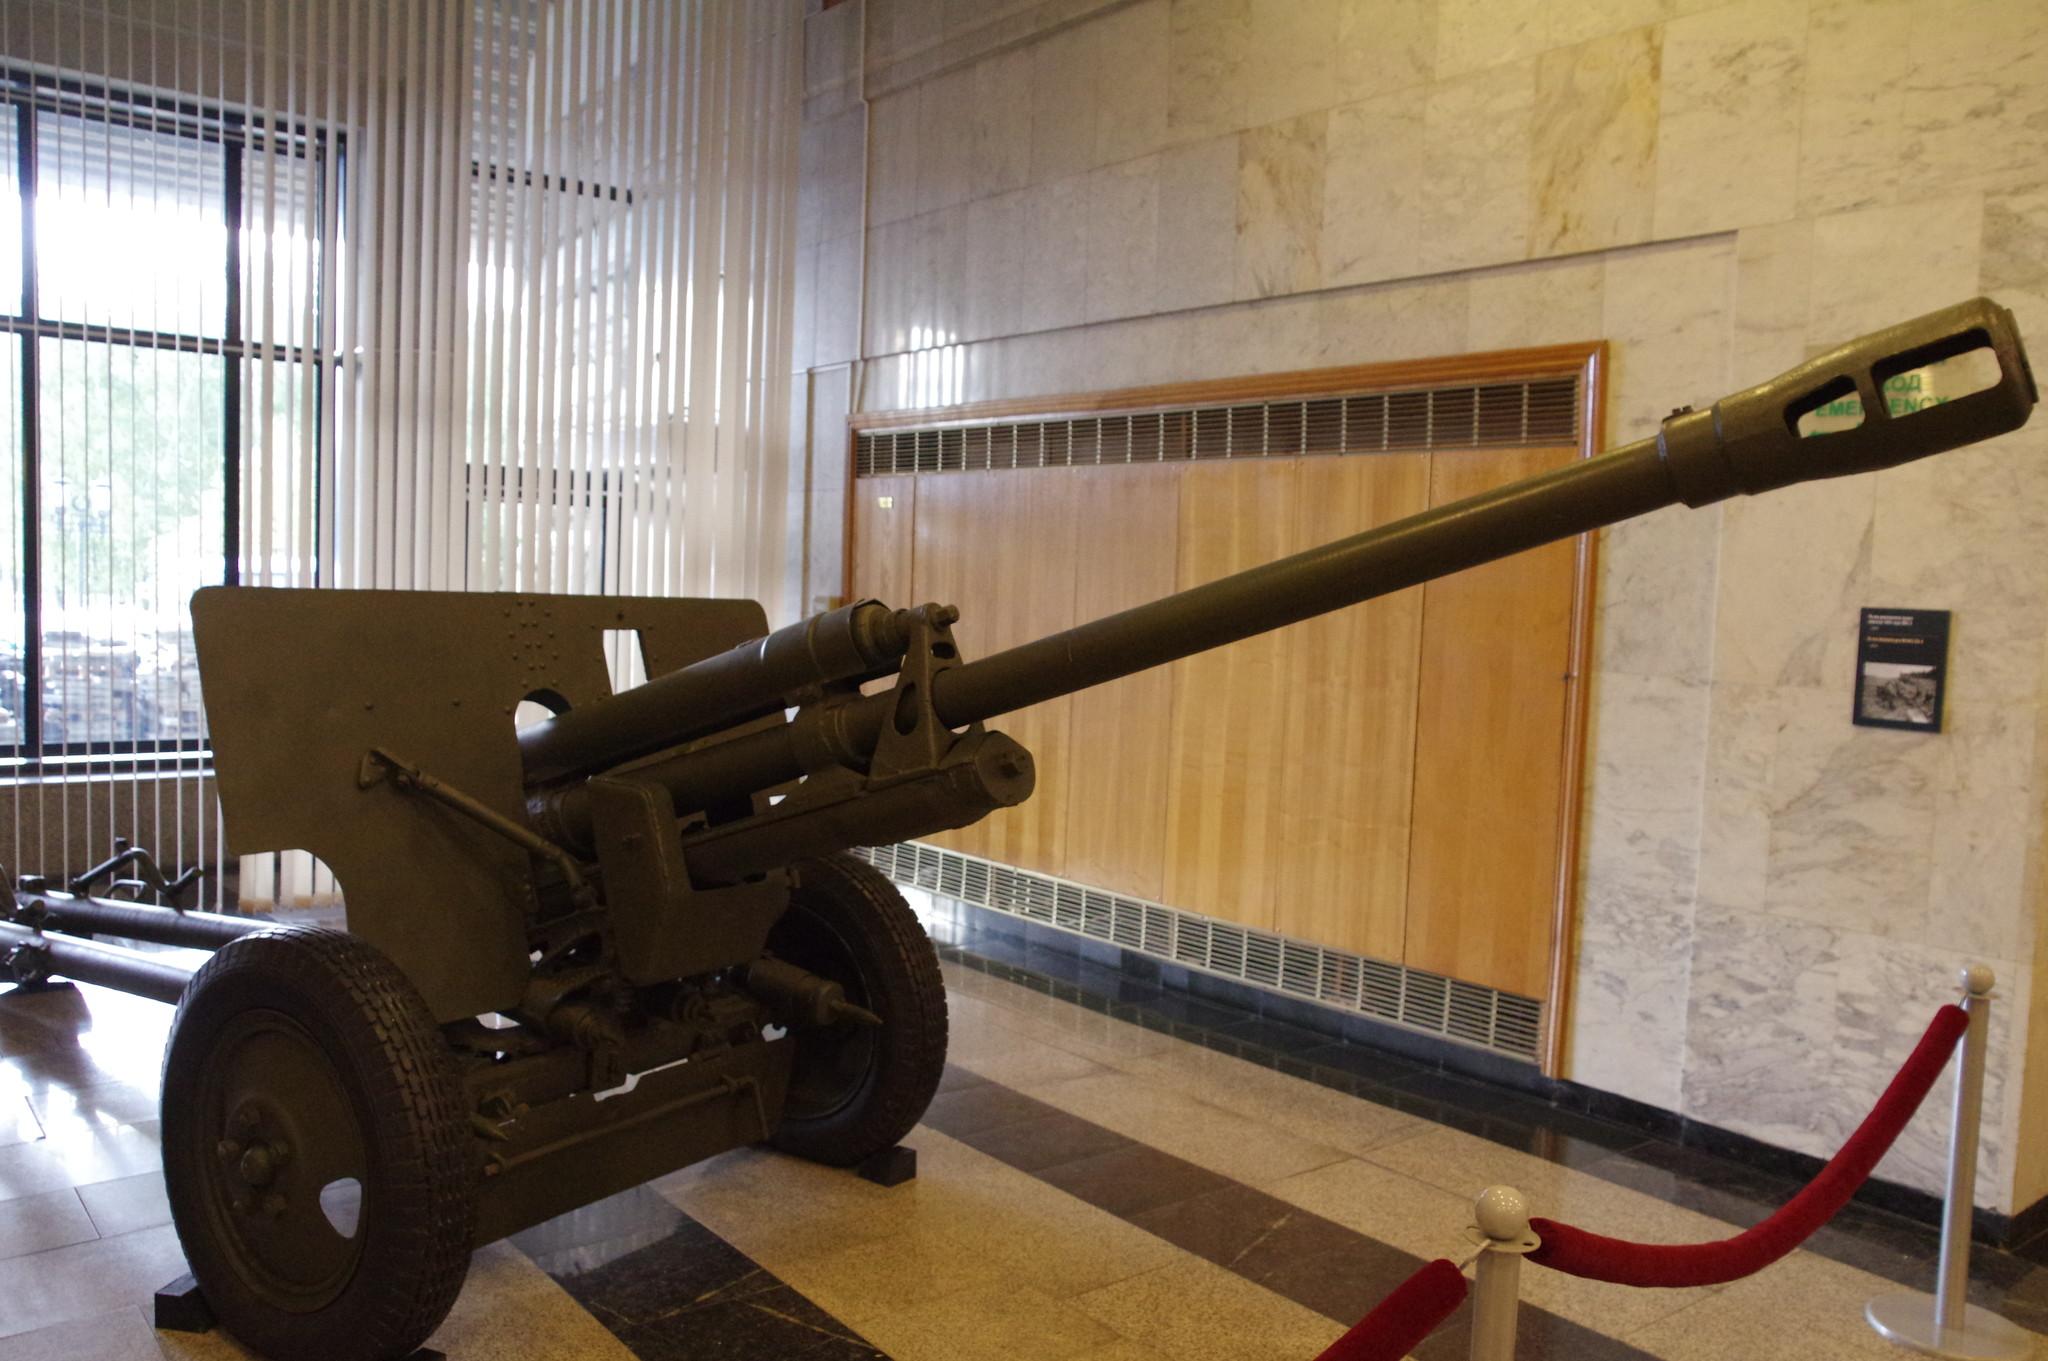 76-мм дивизионная пушка образца 1942 года (ЗИС-3) в экспозиции Музея Победы